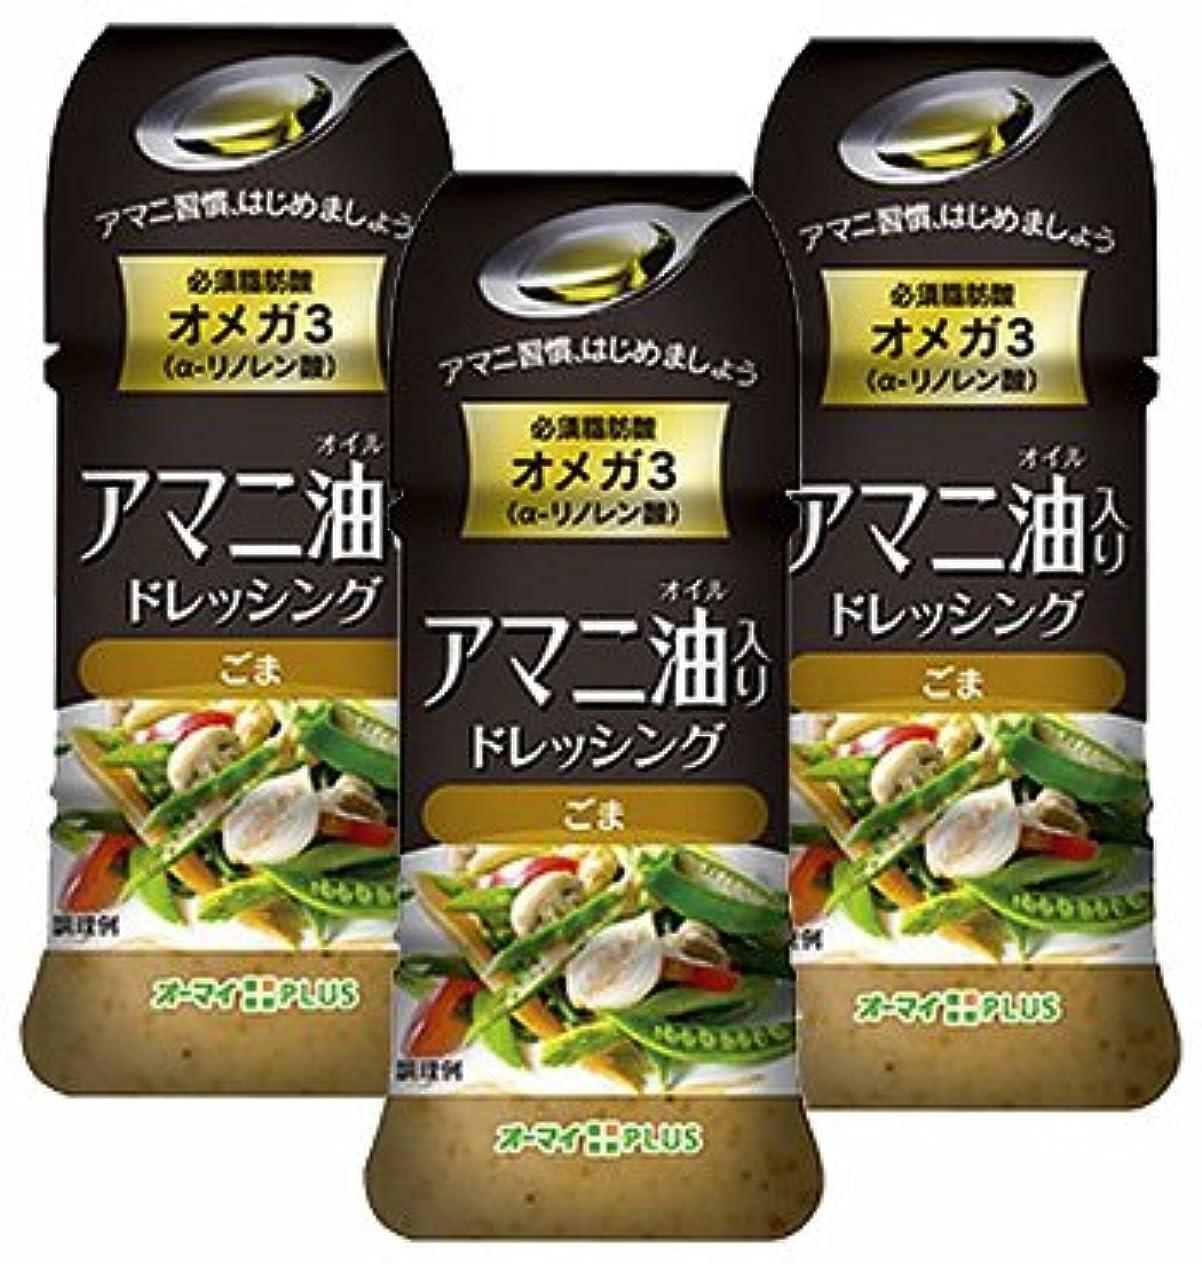 ビリーヤギ夜の動物園精算アマニ油ドレッシング ごま【3本セット】日本製粉